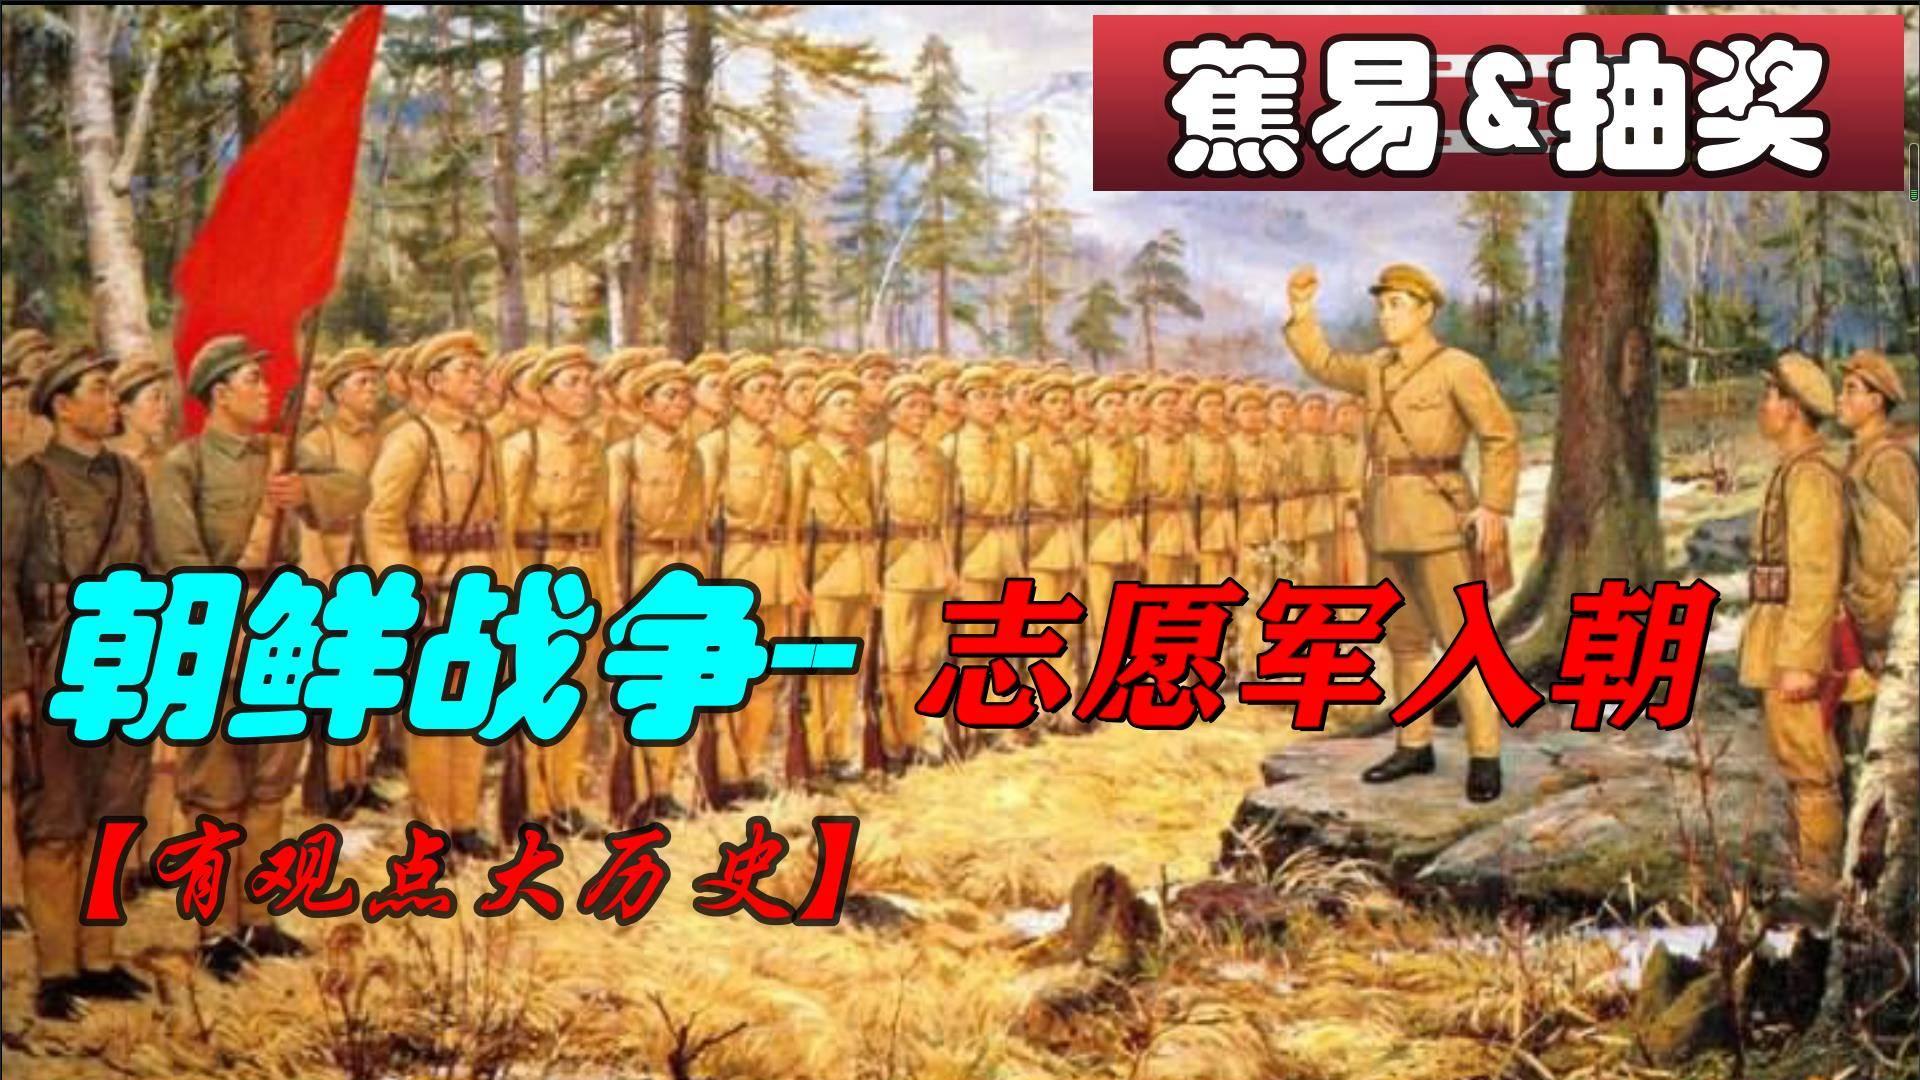 【蕉易&抽奖】 朝鲜战争--志愿军入朝